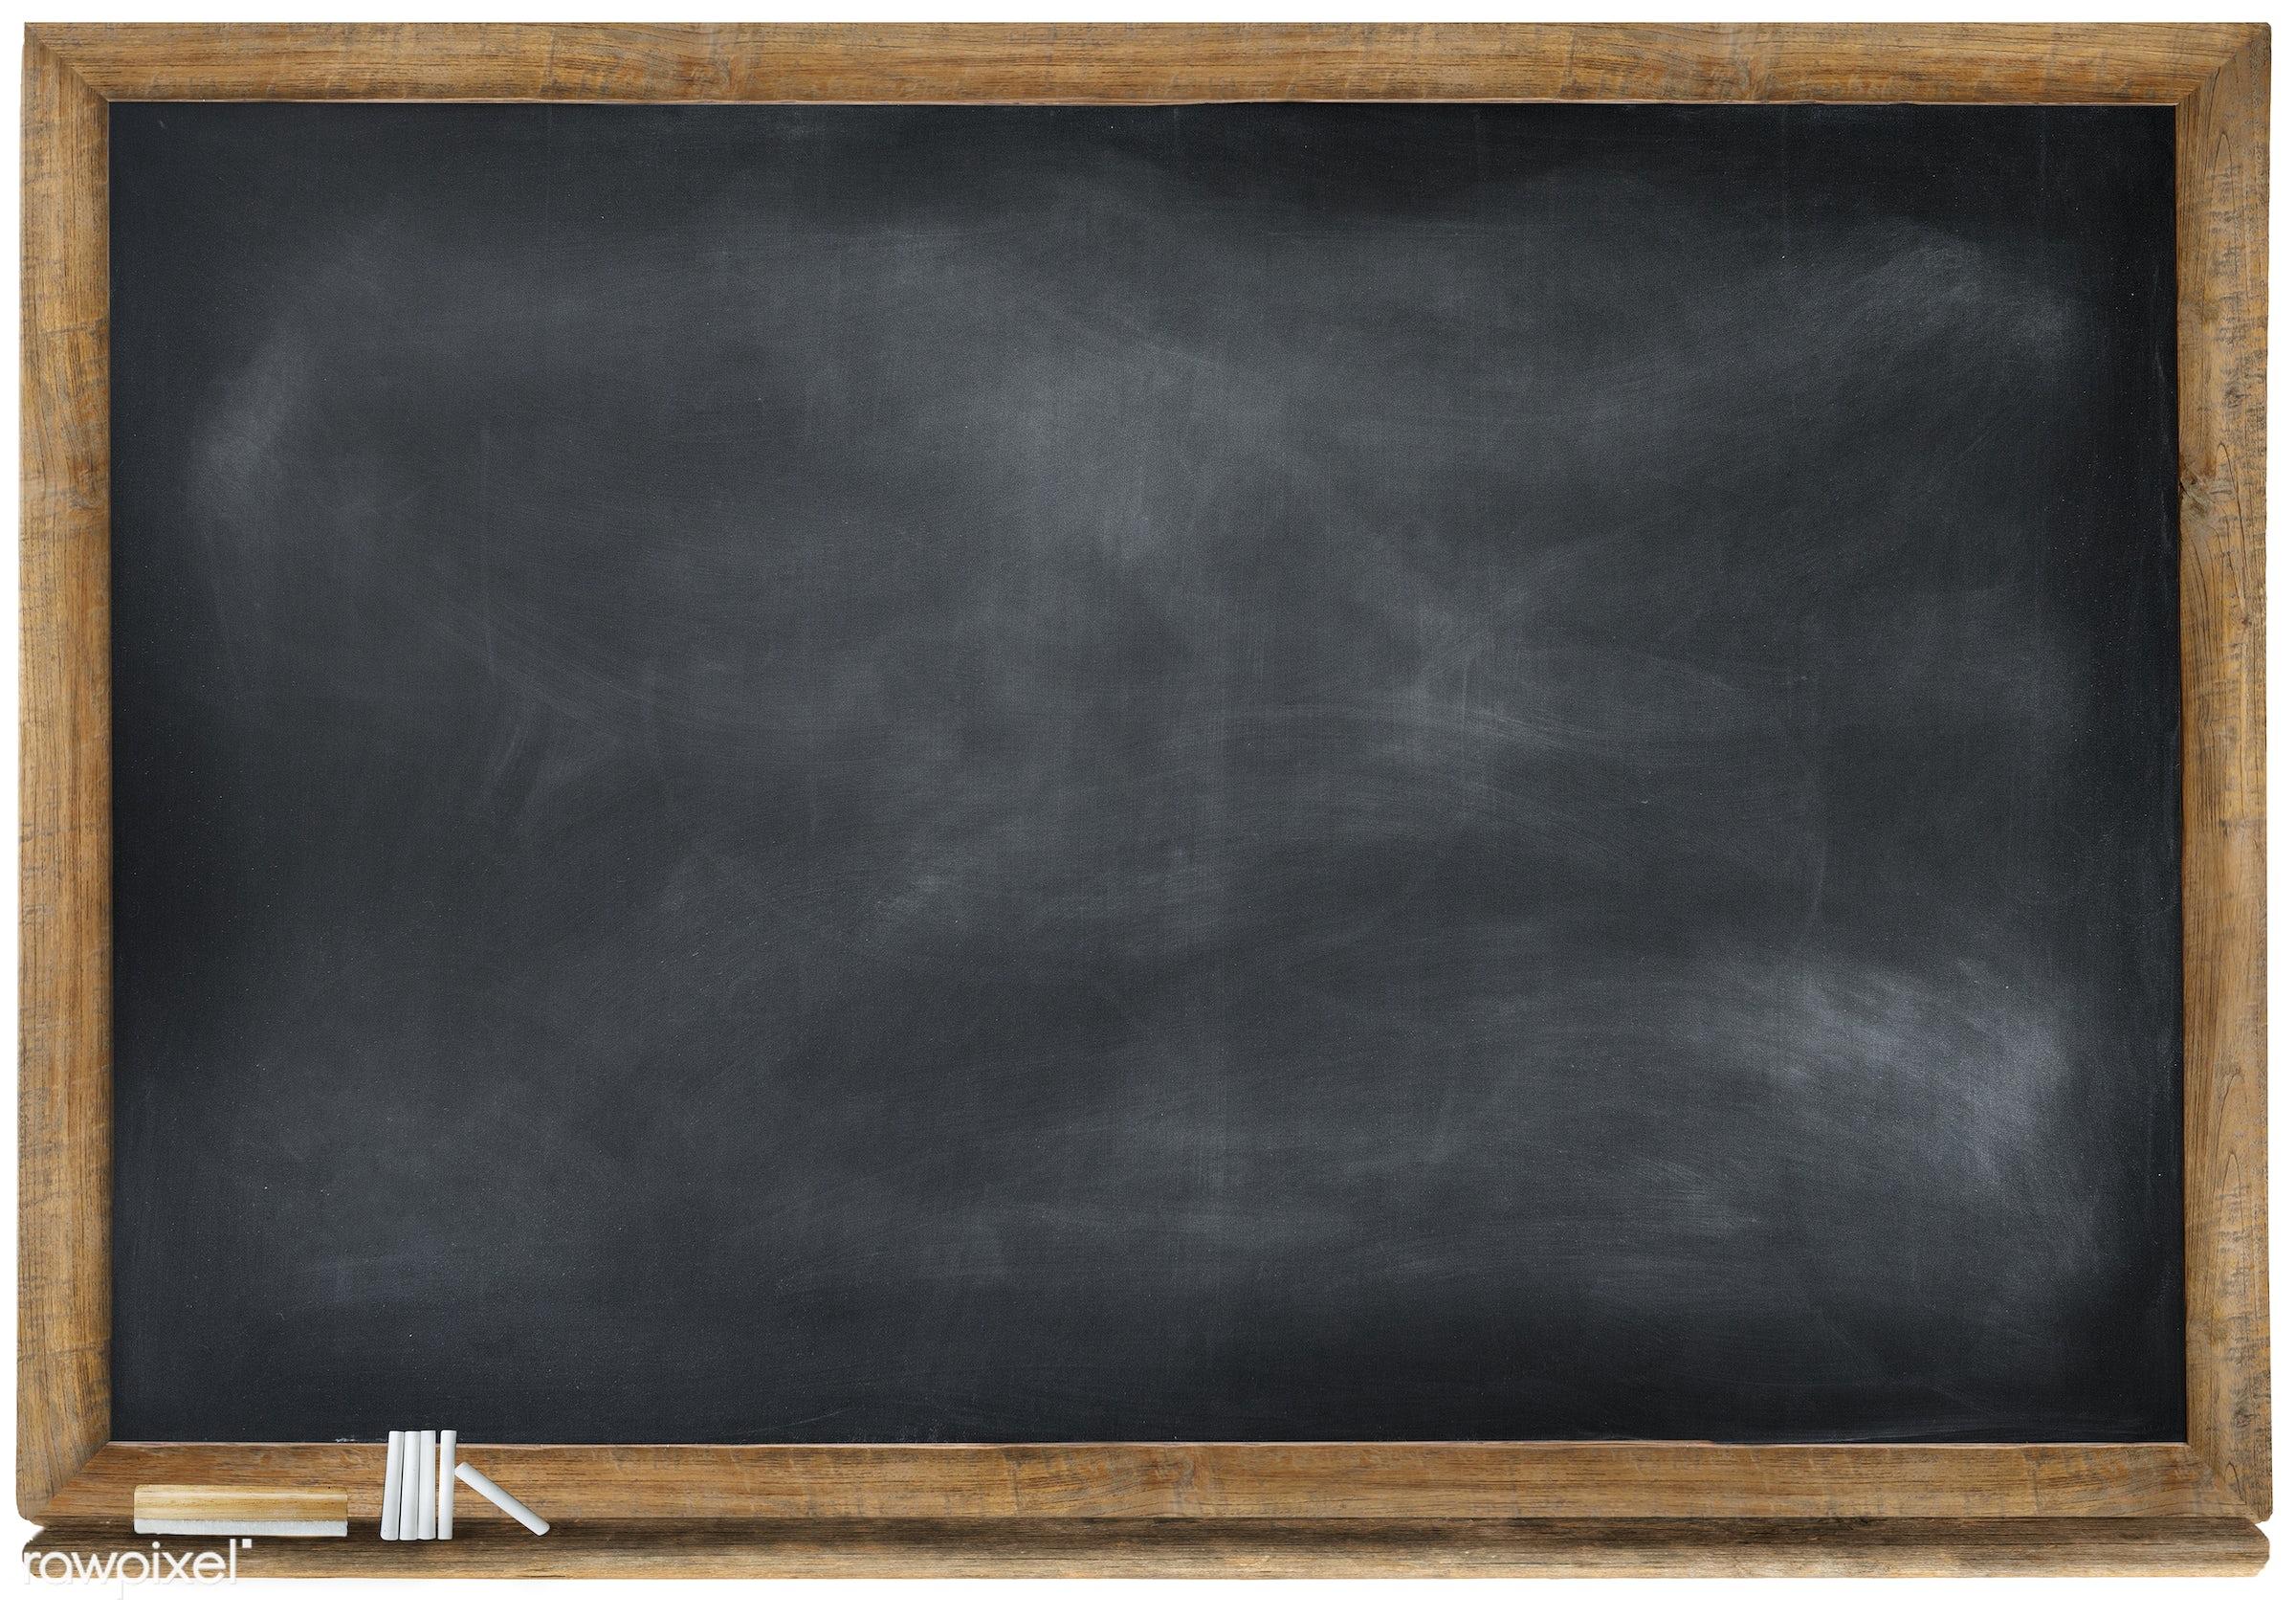 chalkboard, education, advert, announcement, background, blackboard, blank, board, copy space, empty, learn, lesson, mock up...